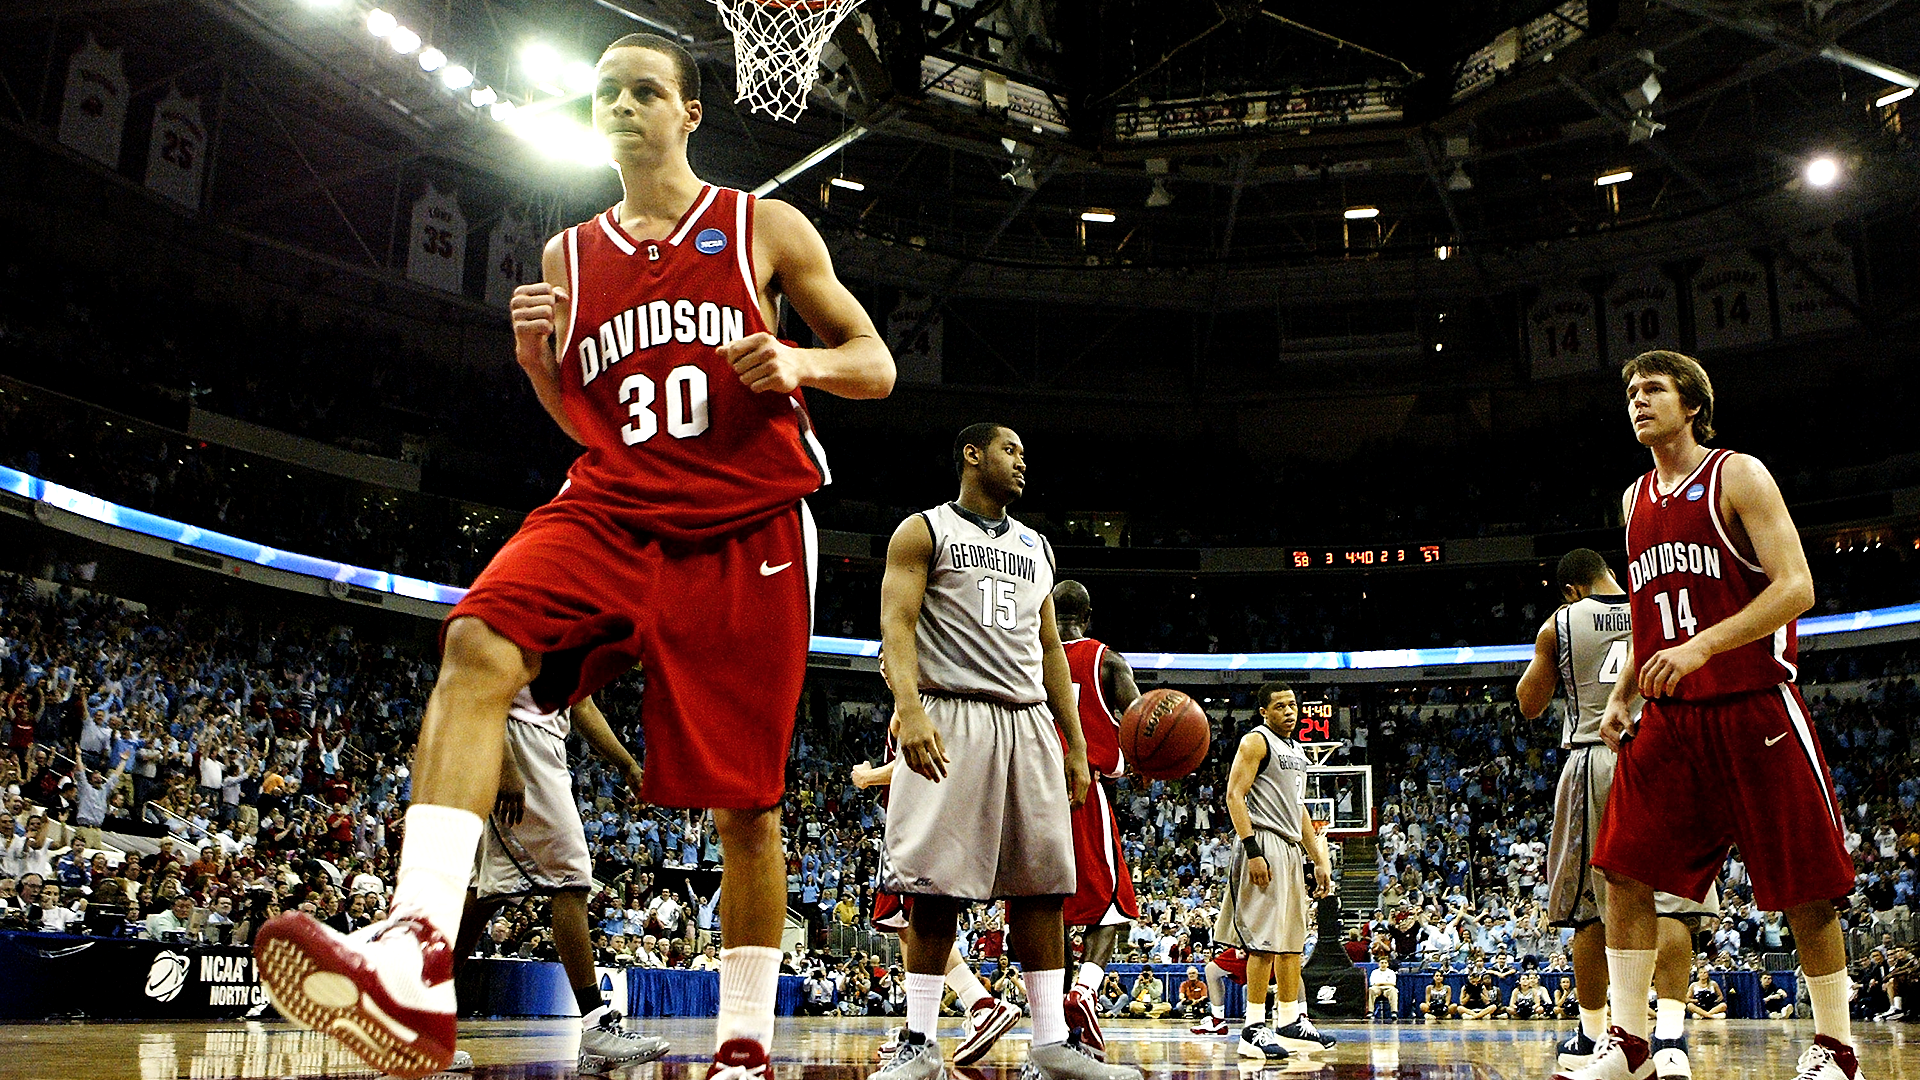 Missing March Madness: la grandeza de Steph Curry se muestra en el regreso de Davidson contra Georgetown 13